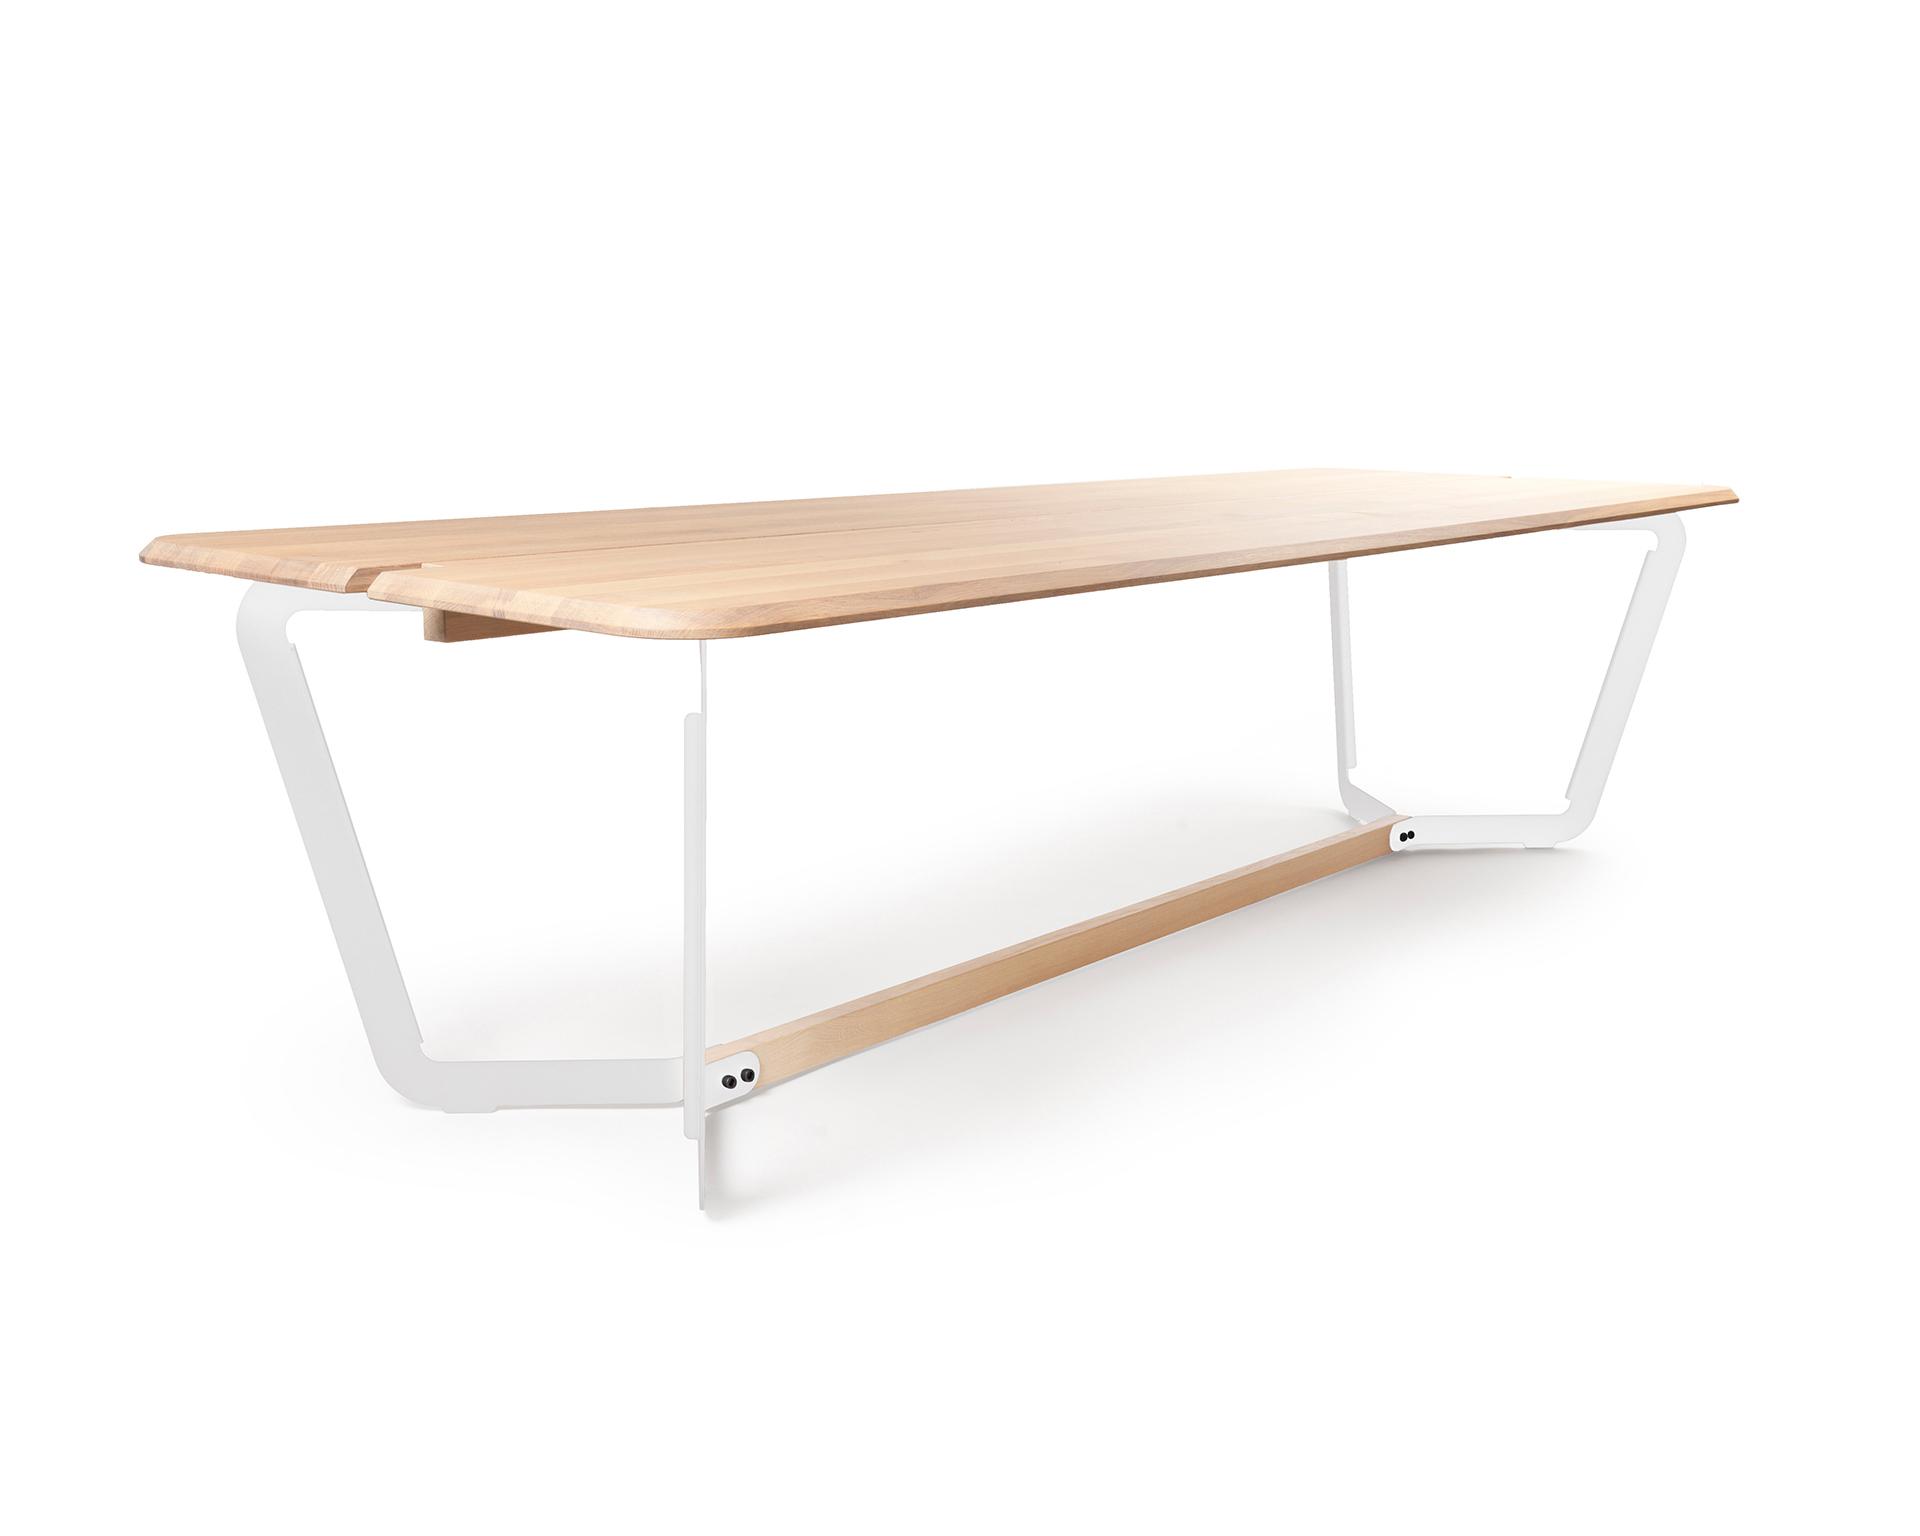 Eettafel Wit Design.Design Dining Table Stringer L Bas Vellekoop L Odesi Your Dutch Design